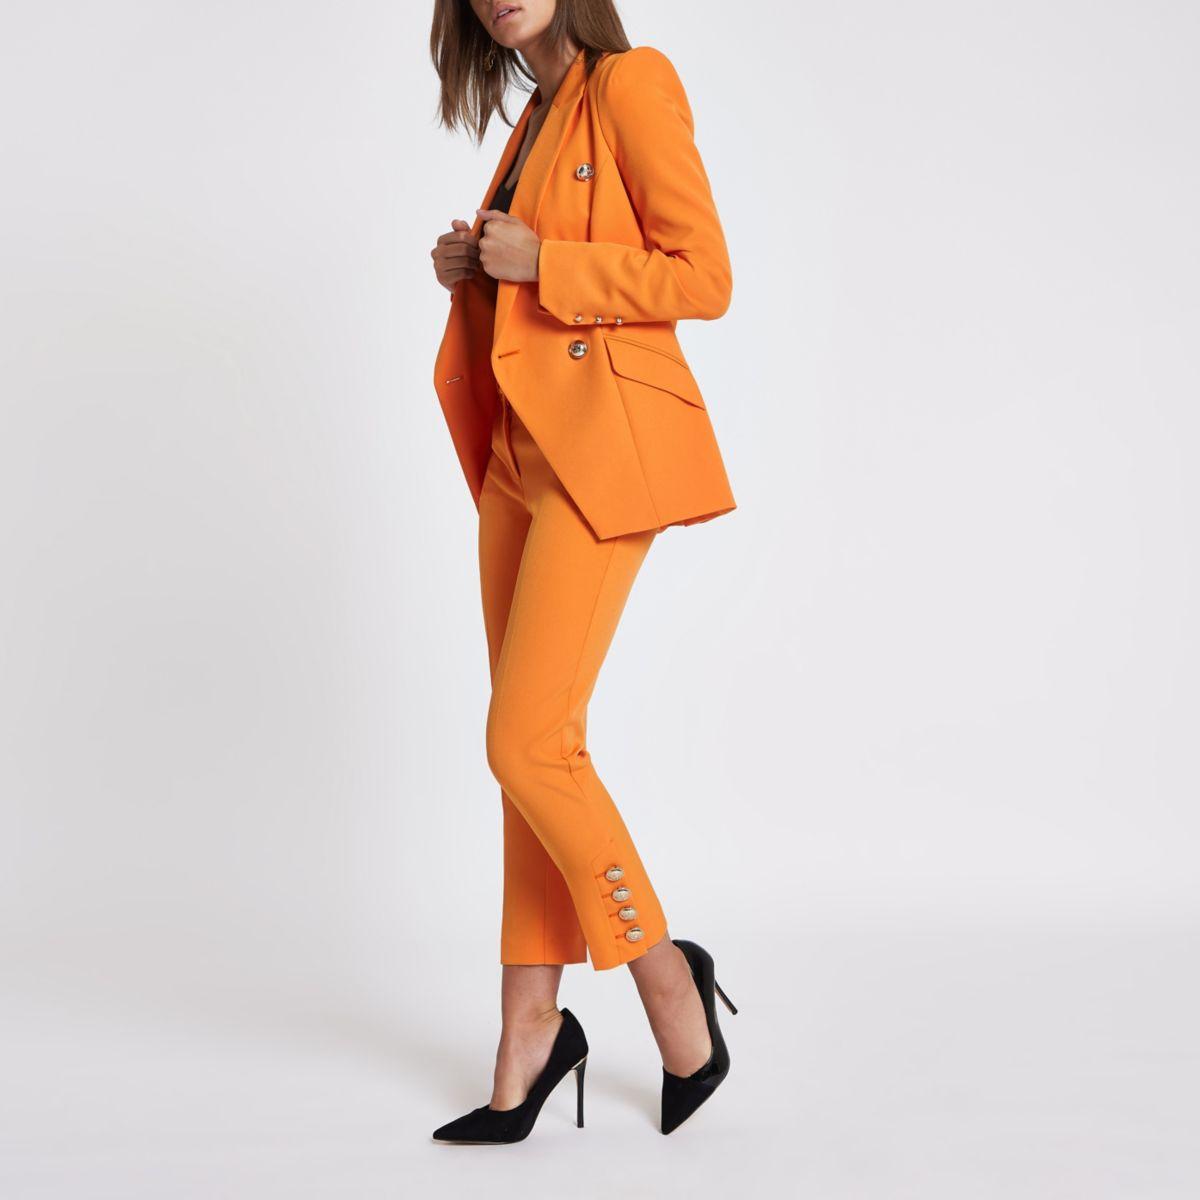 Veste Smoking Femme Vestes Croisée Orange De Manteaux amp; w0gqrSw5n